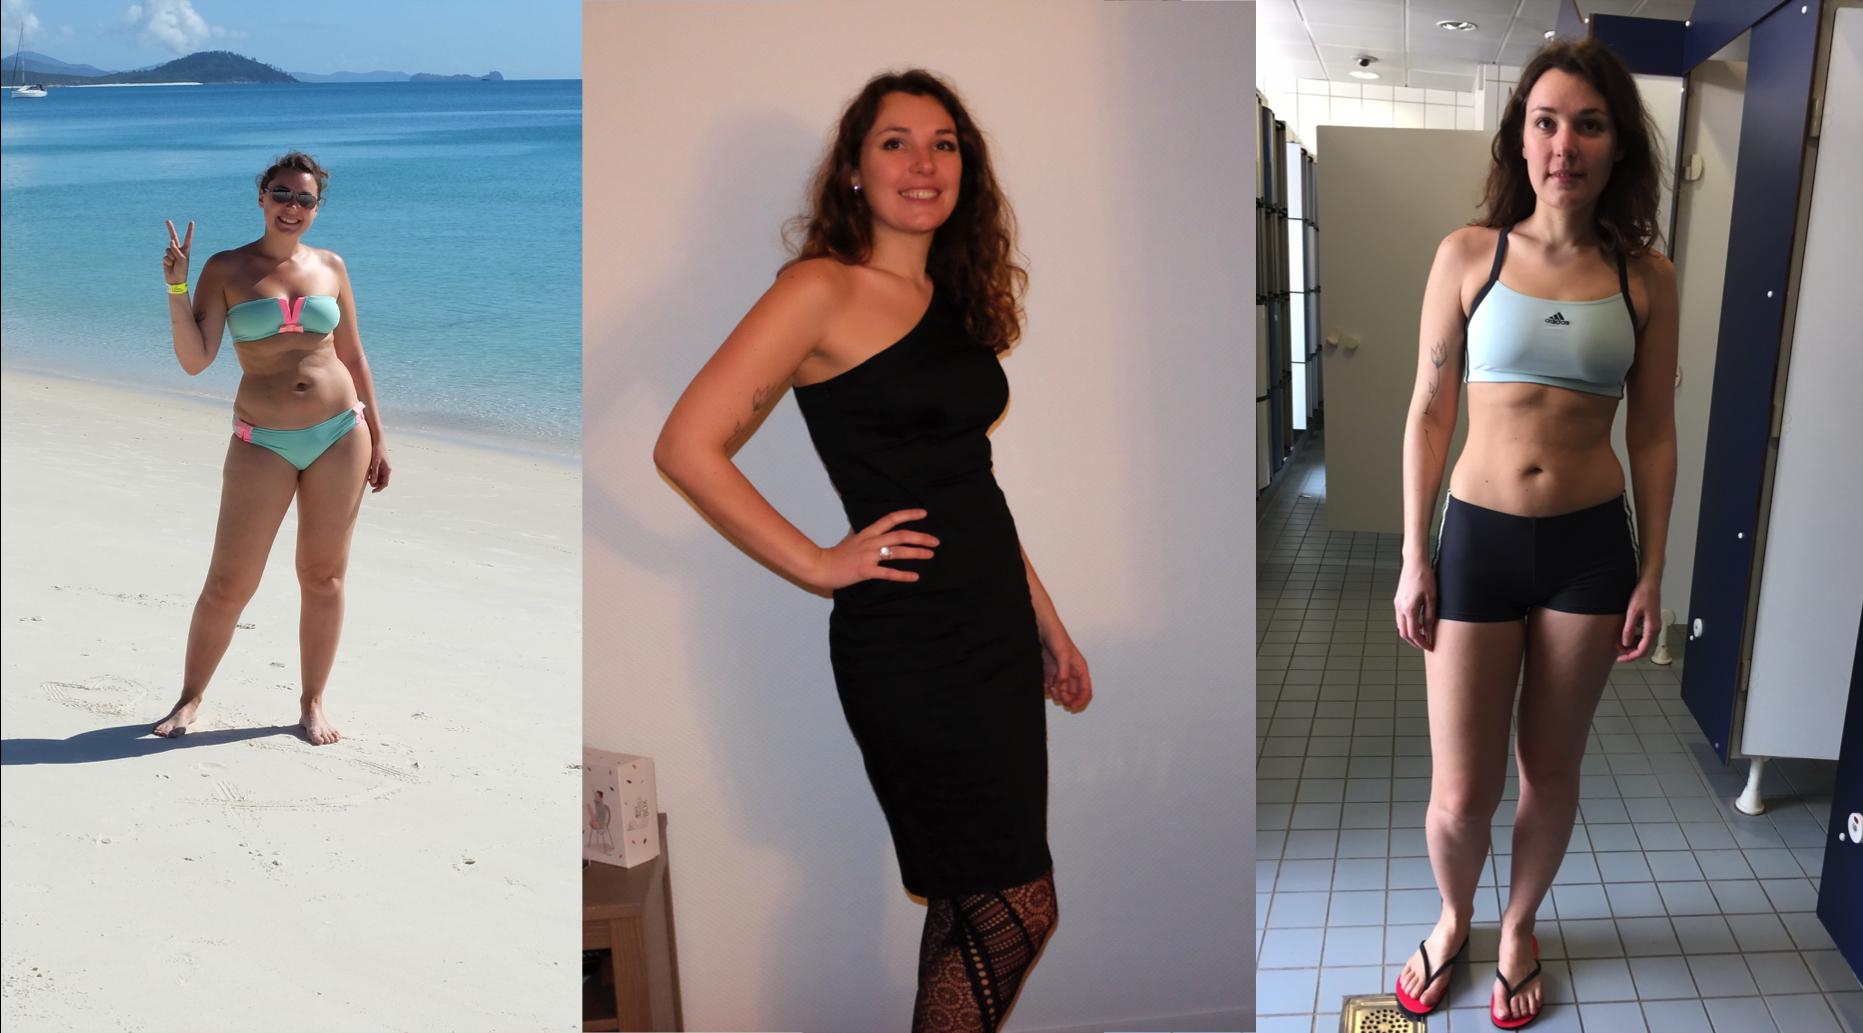 Perte de poids de 50 lb en 6 mois